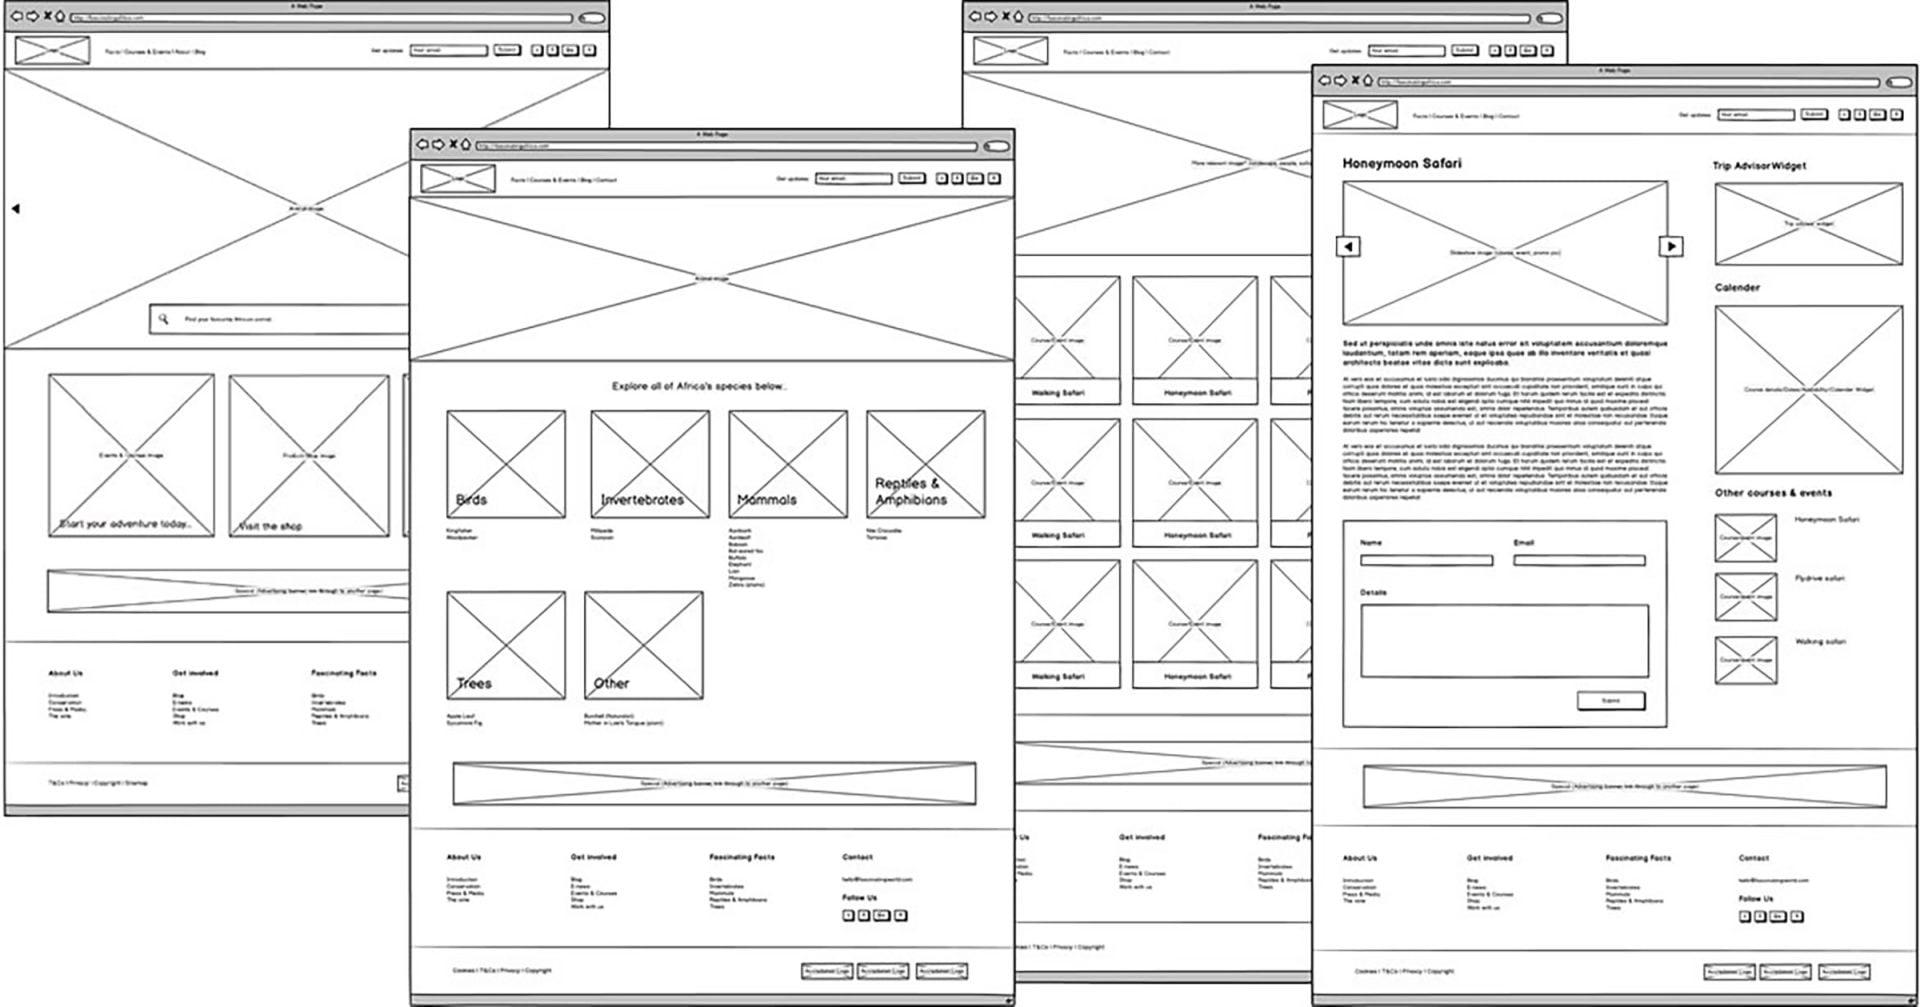 Voorbeeld 2 schets indeling / layout website (wireframe)